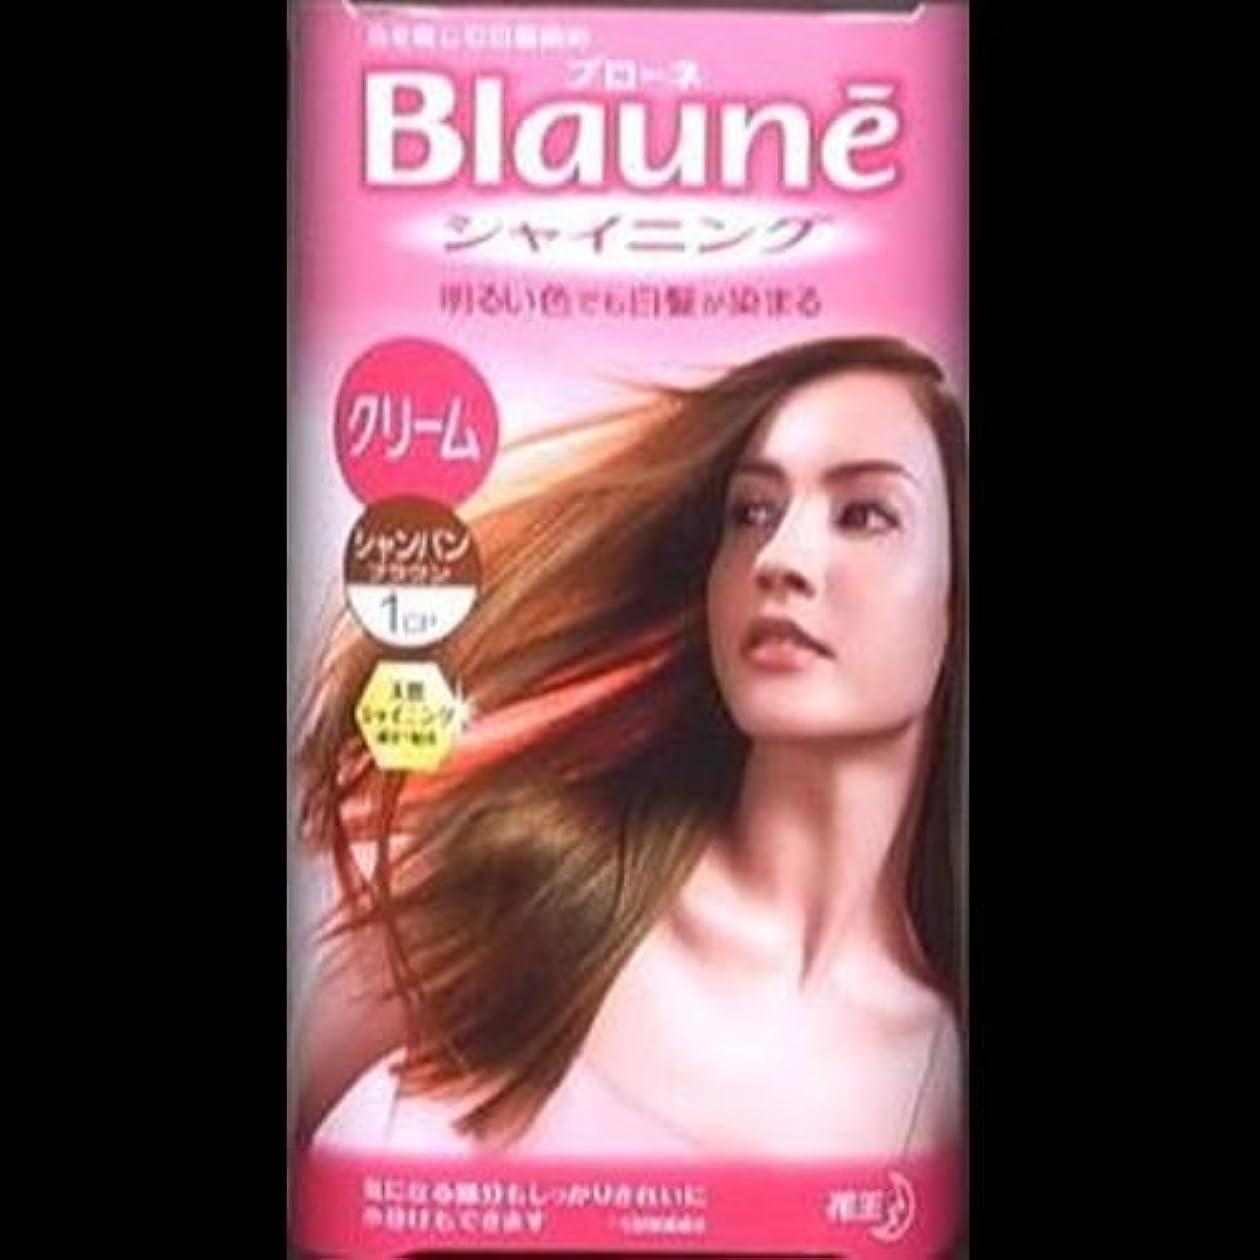 実験弱い支給【まとめ買い】ブローネシャイニングヘアカラークリーム 1CP シャンパンブラウン ×2セット